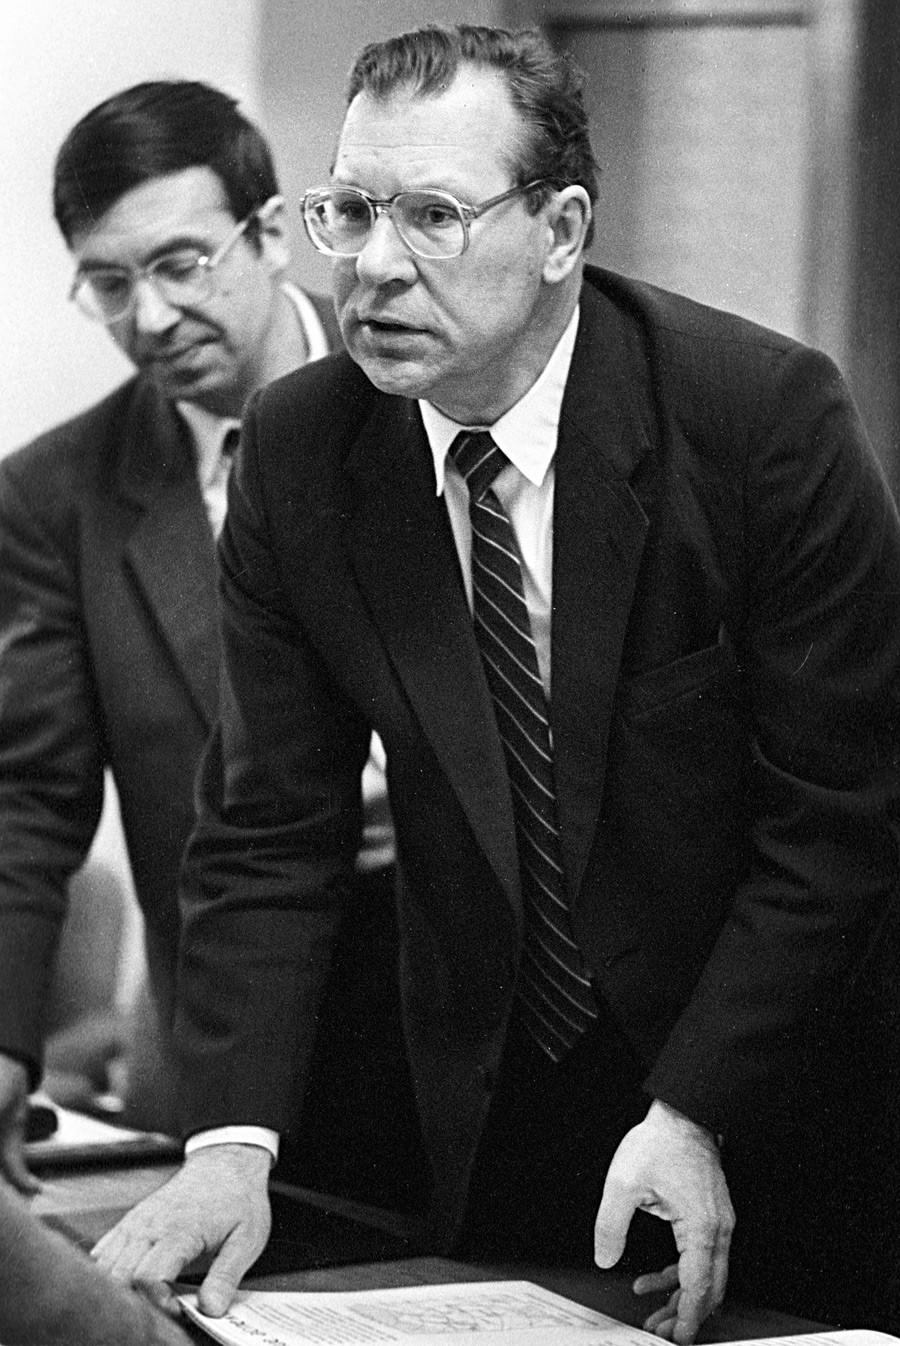 """Први заменик директора Института за нуклеарну енергију """"Курчатов"""", академик Валериј Легасов (десно) који је учествовао у истраживању узрока хаварије на Чернобиљској нуклеарној електрани 26. априла 1986. године."""